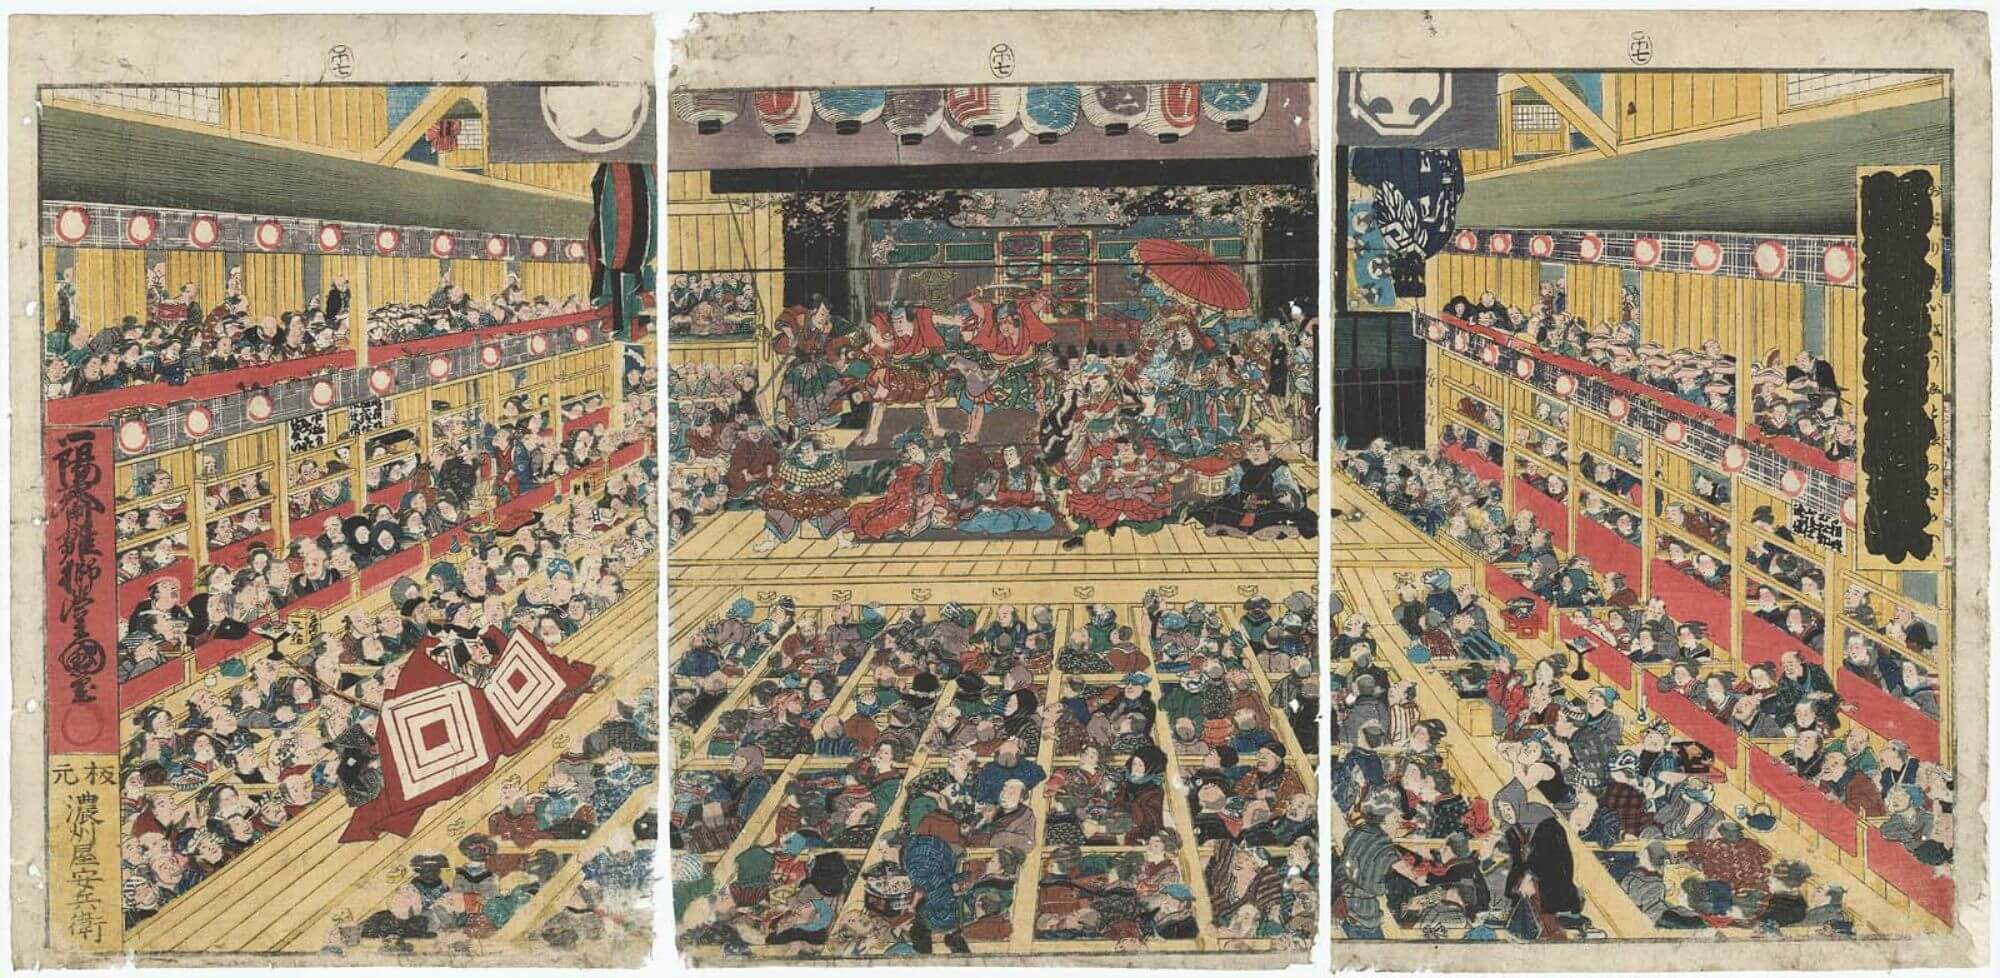 浮世繪 歌舞伎町